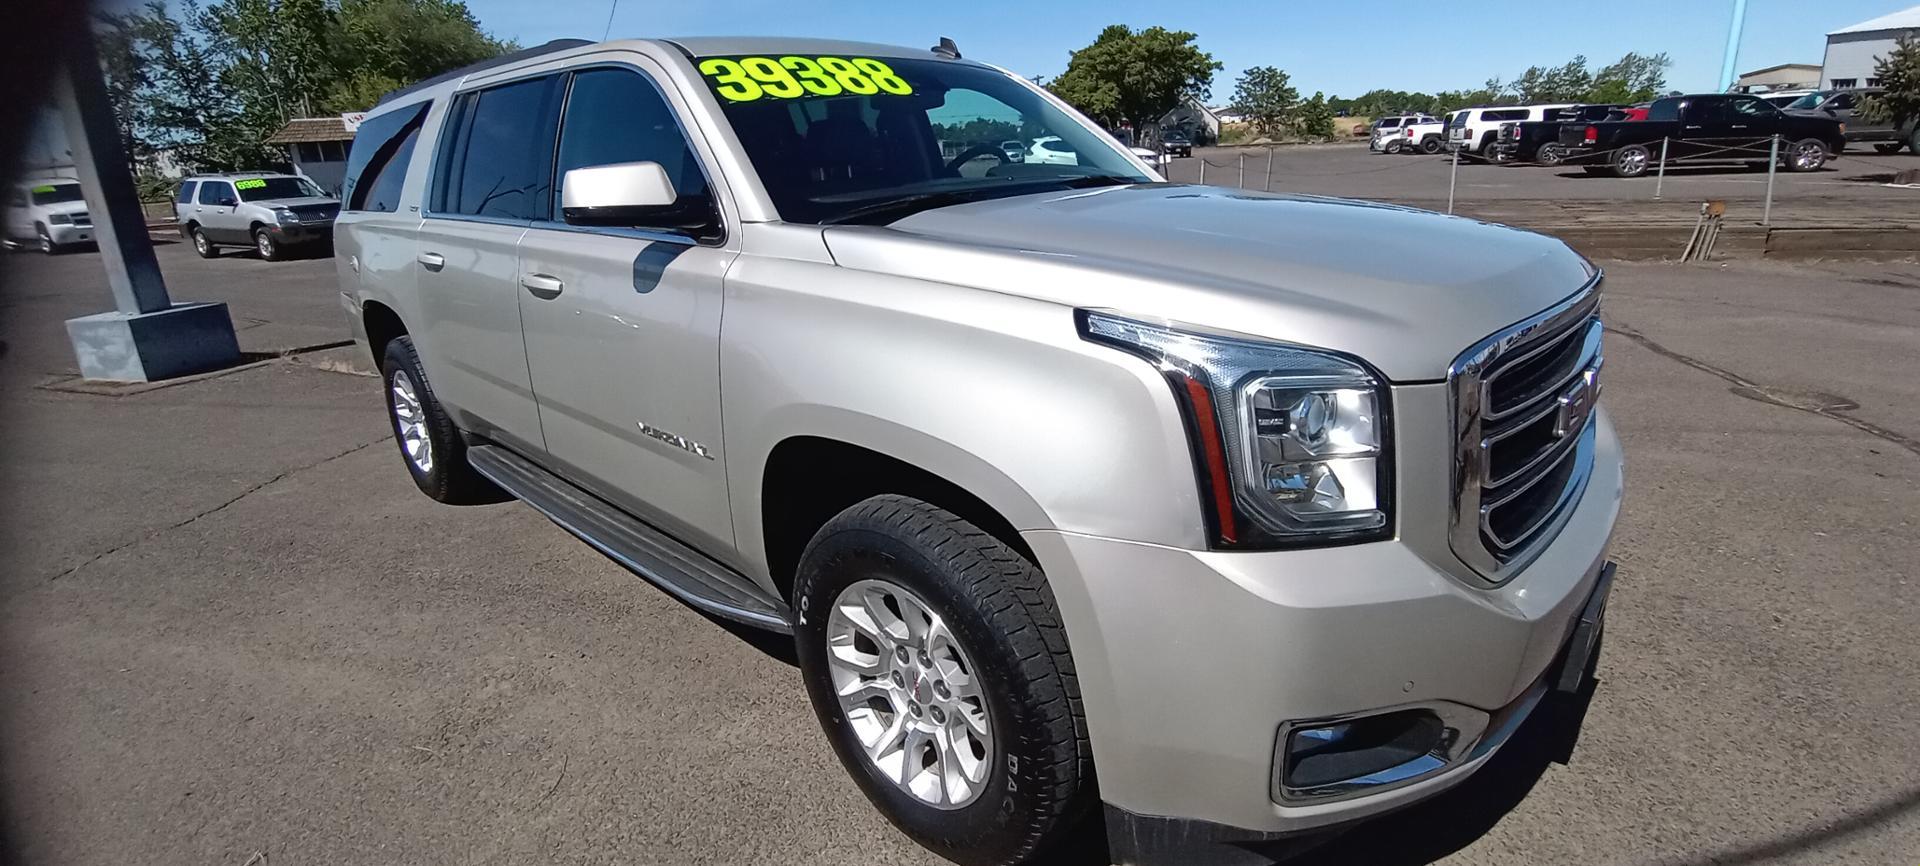 2015 GMC Yukon XL 1500 SLT 4WD